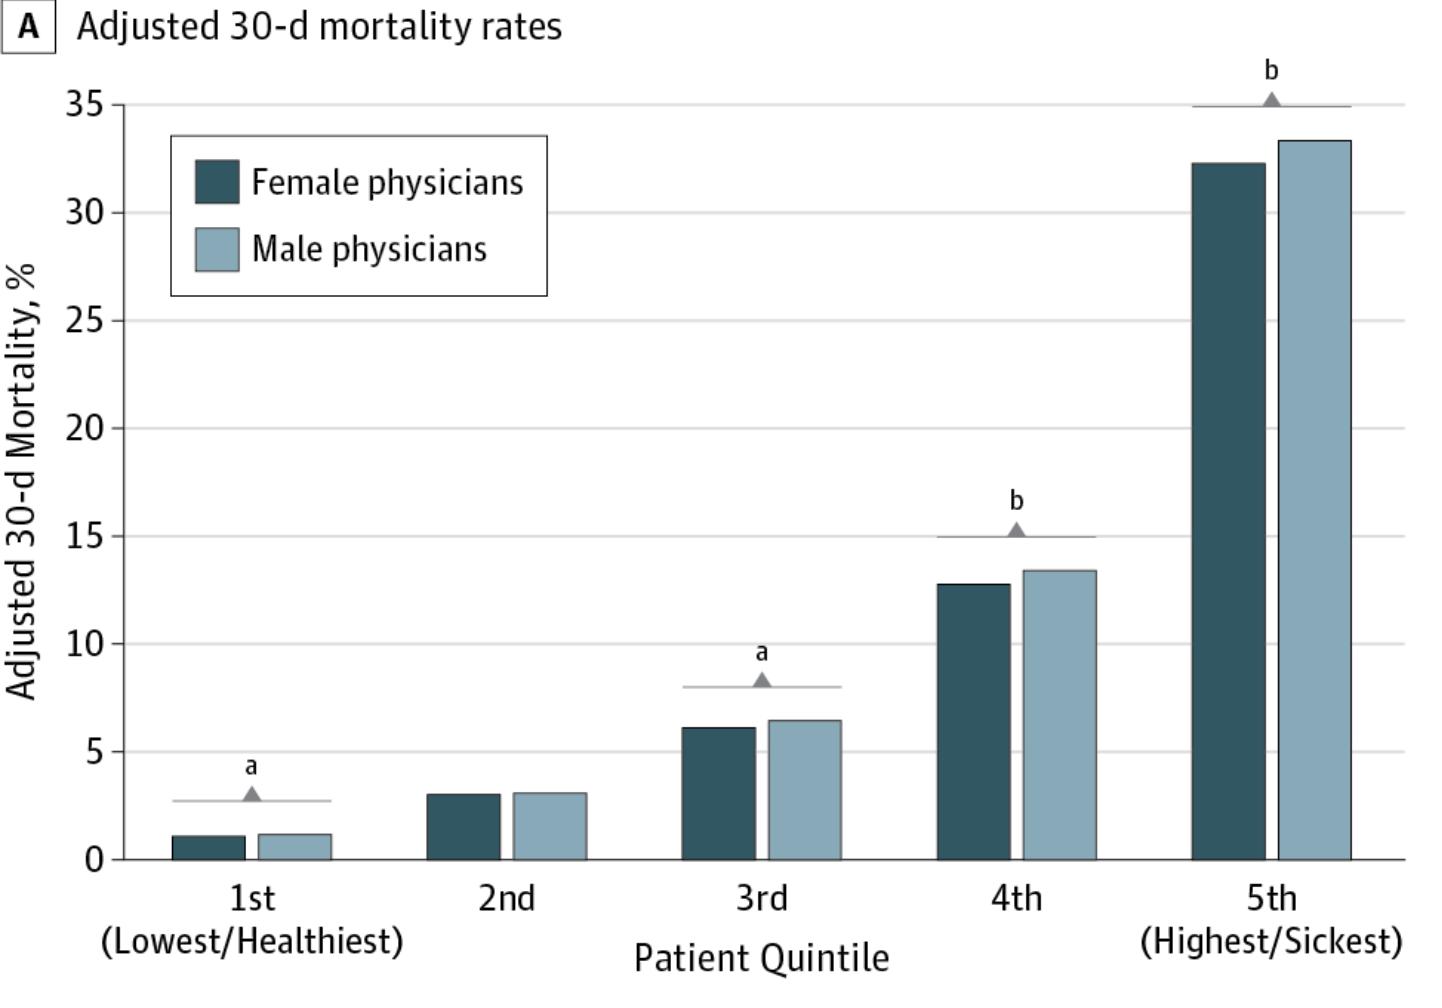 30 天內的死亡率 aP<.05. bP<.001 圖為原論文統計圖表